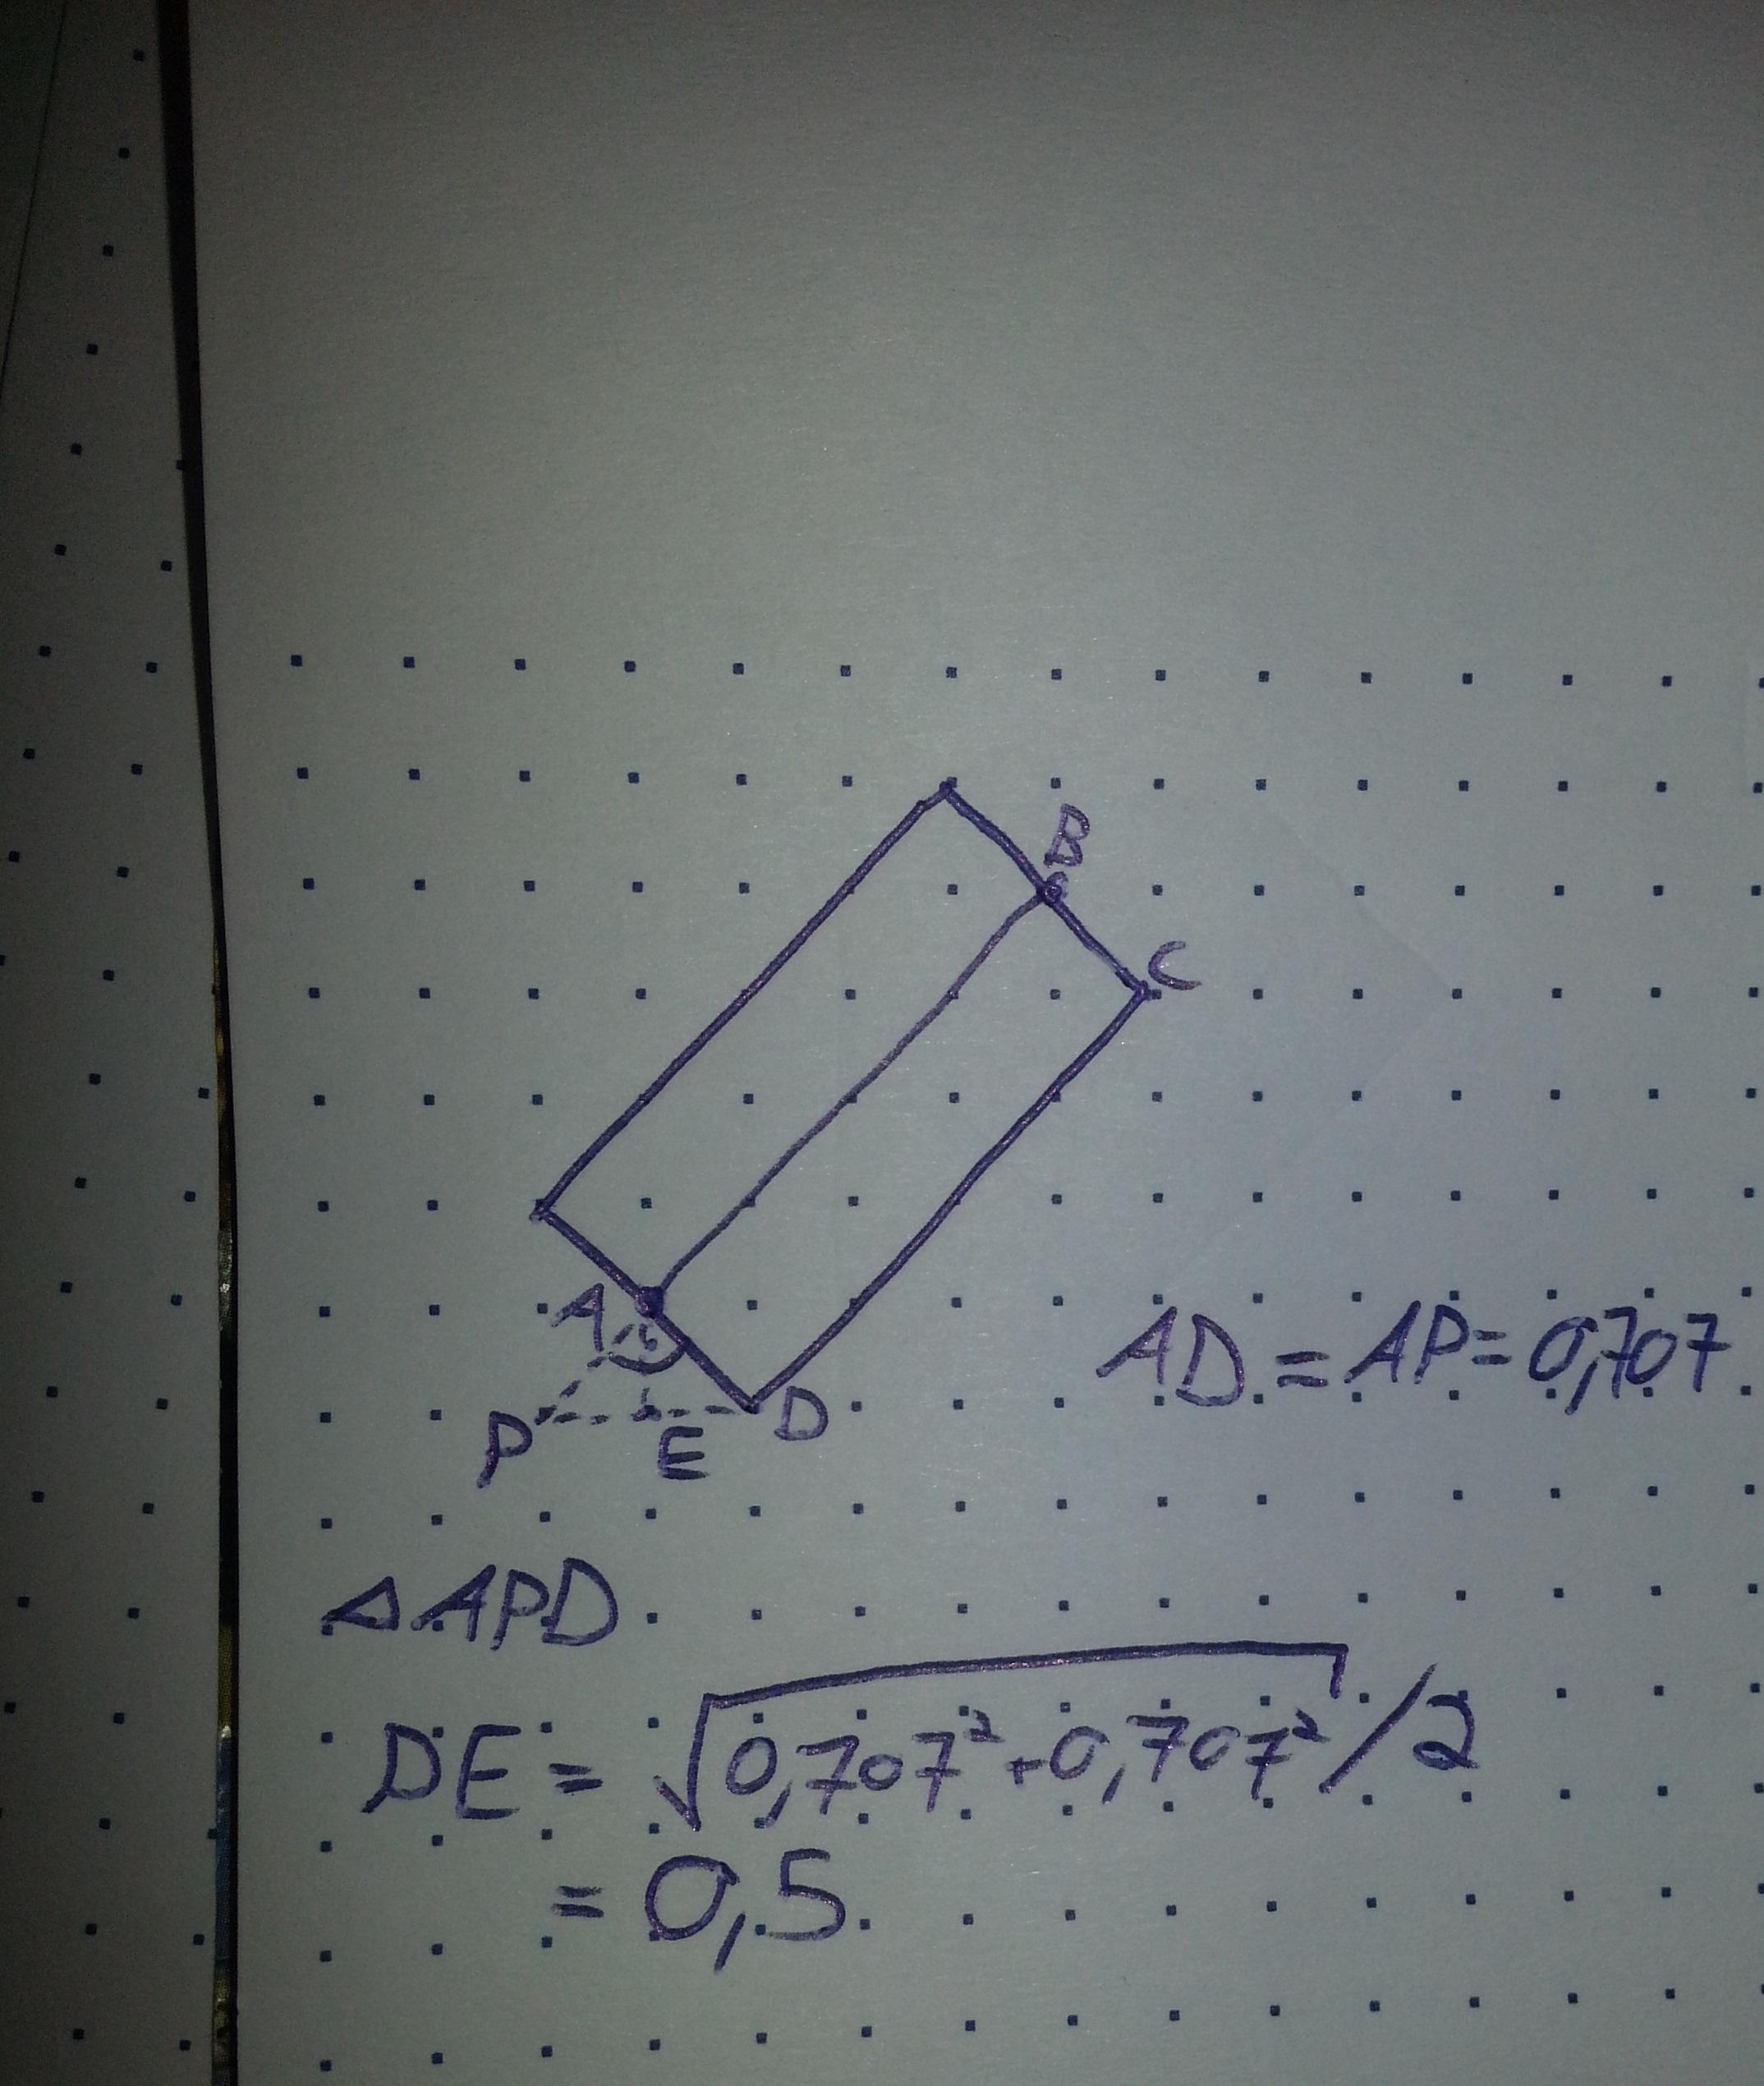 koordinatensystem schwierige strecke zwischen punkten berechnen mathe mathematik punkte. Black Bedroom Furniture Sets. Home Design Ideas